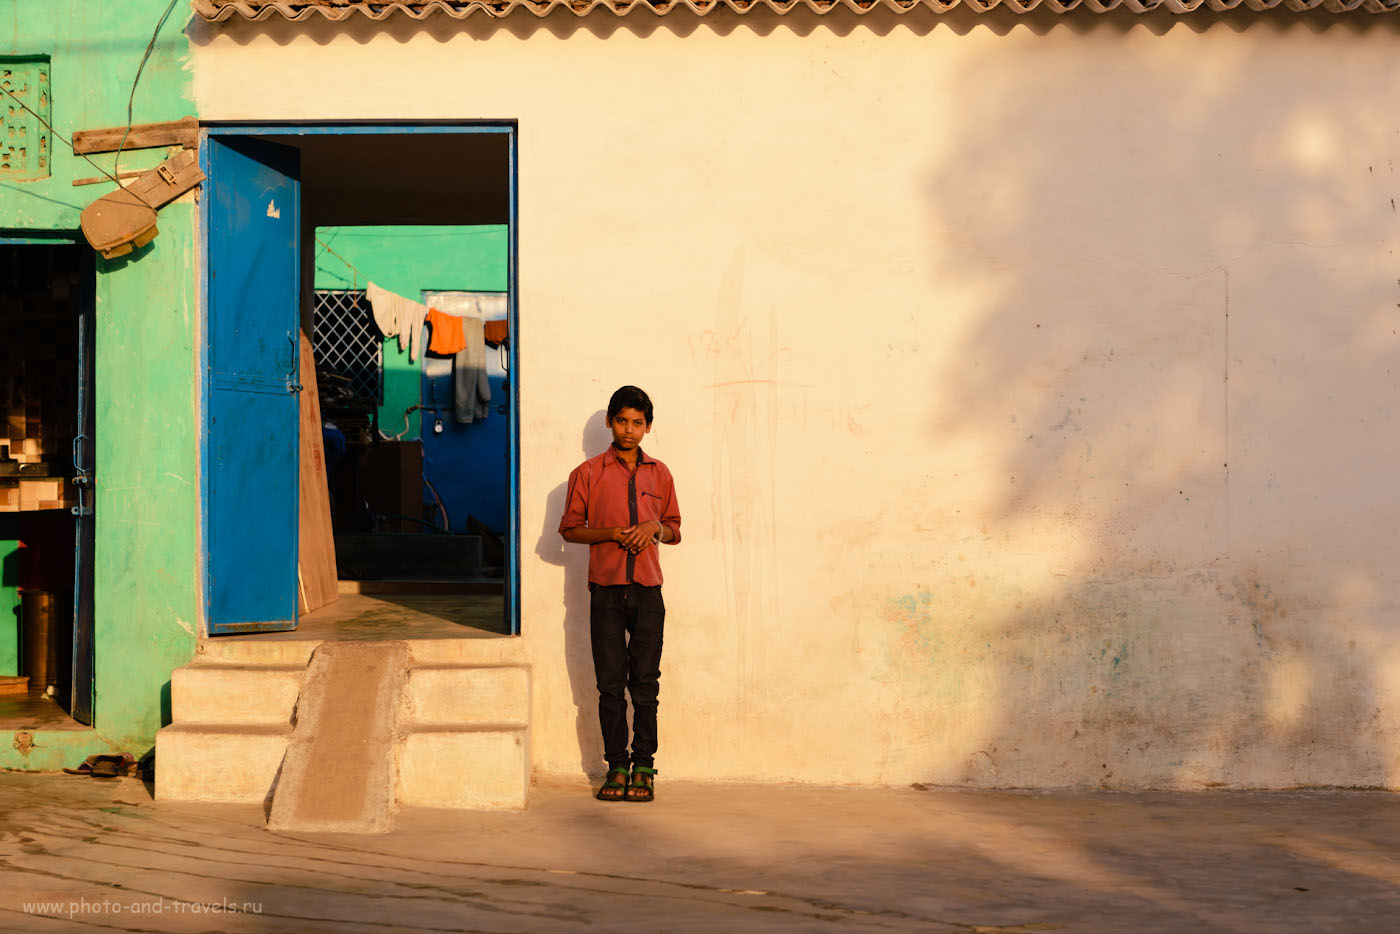 Фотография 4. Мальчик из Орчхи. Хотя он и позирует в ответ на мой жест о фотосъемке, мне портрет нравится. 1/800, +0.33, 4.5, 100, 70.